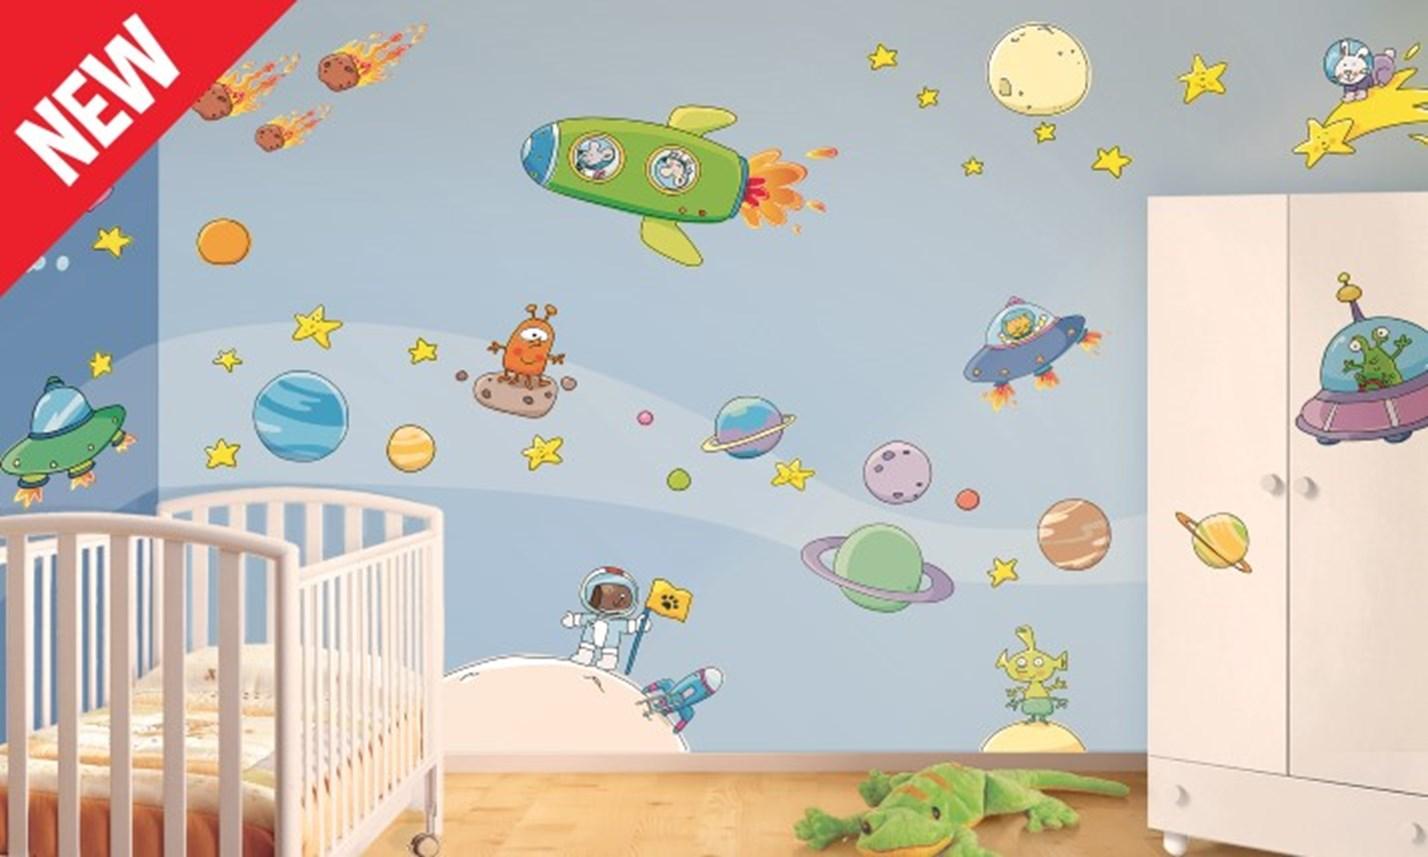 Stickers murali bambini cameretta viaggio nello spazio - Stickers cameretta bambino ...